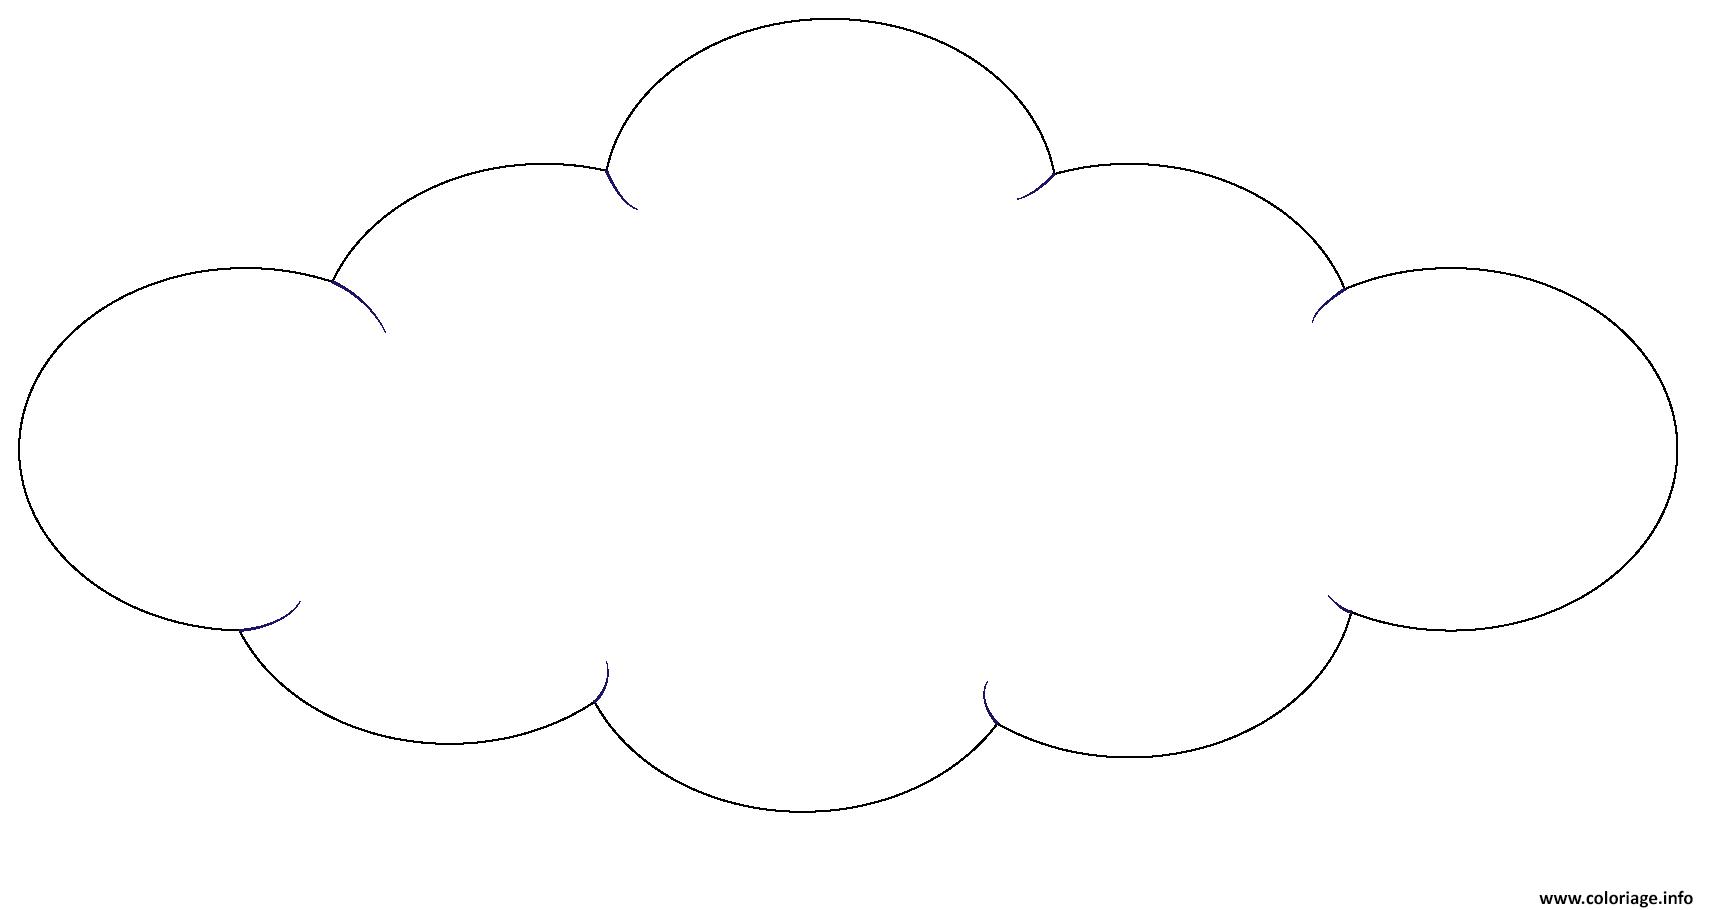 coloriage nuage nature dessin imprimer - Dessin De Nuage